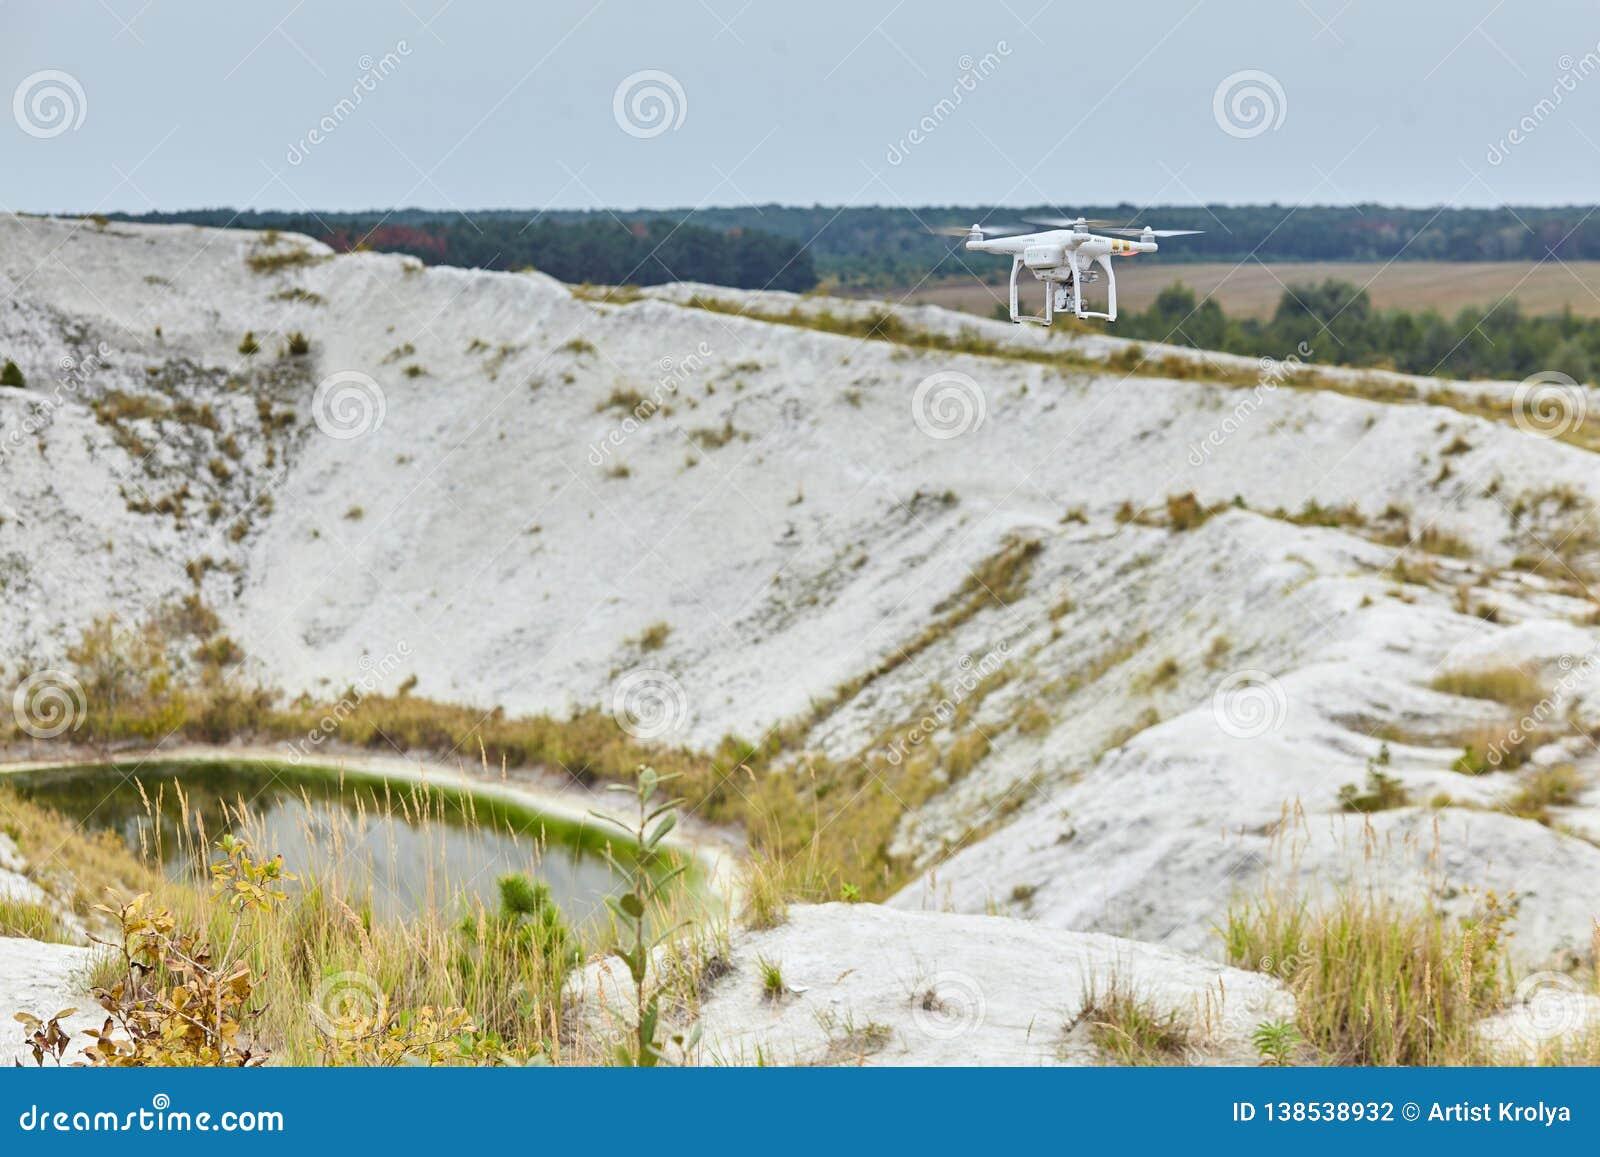 Profissional fantasma do quadrocopter do zangão PRO